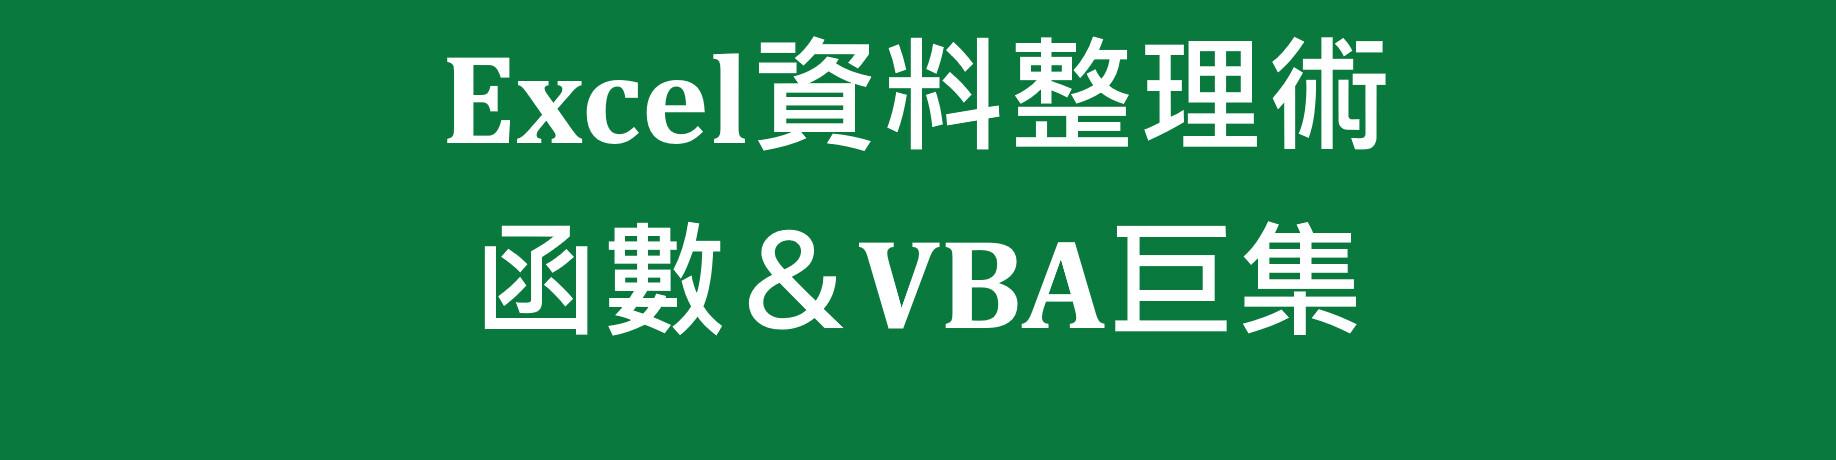 Excel資料整理術 - 函數&VBA巨集